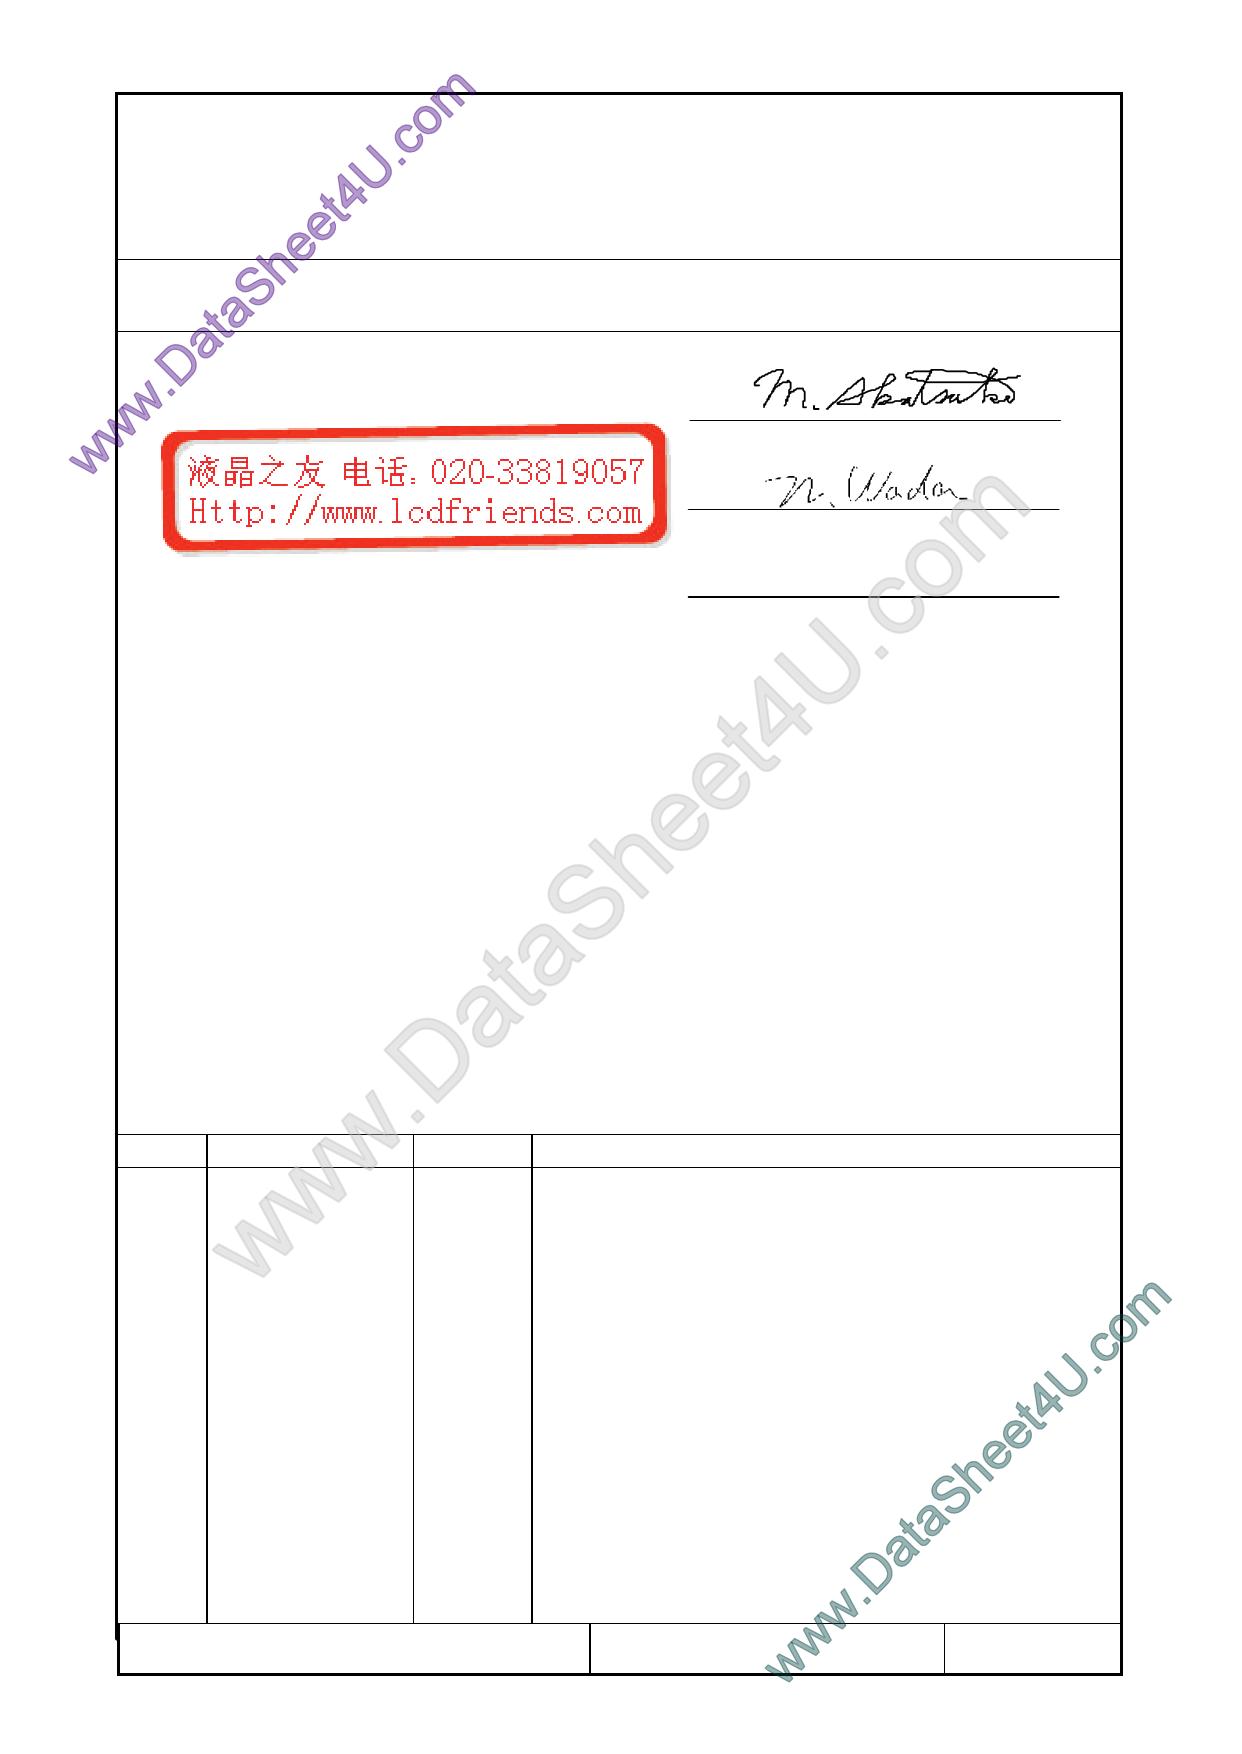 F-51851GNFQJ-LB-ABN даташит PDF